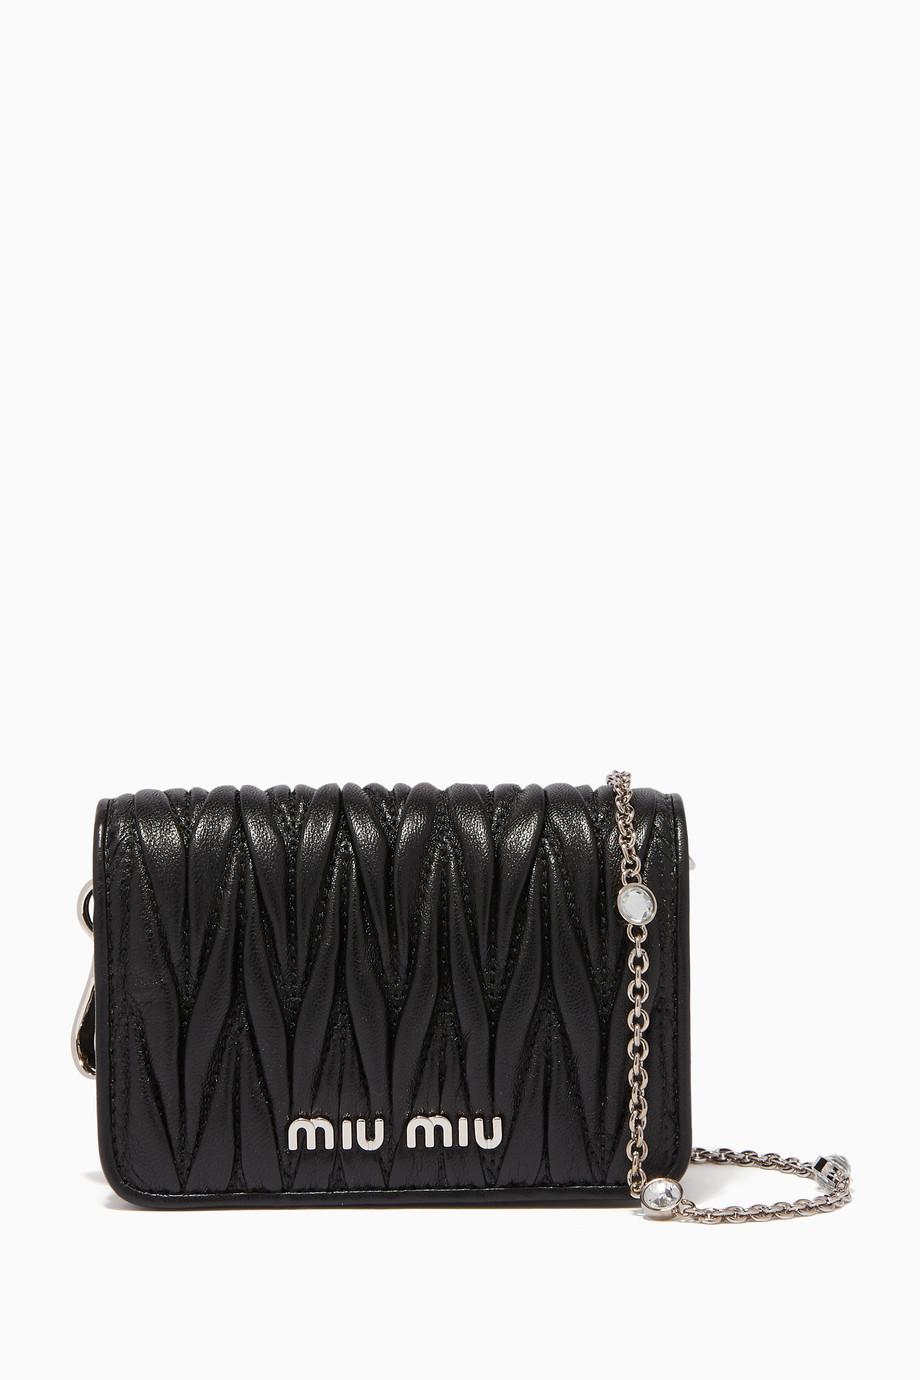 sale retailer d1de0 730c3 Shop Miu Miu Black Black Matelassé Leather Chain Card Case for Women ...